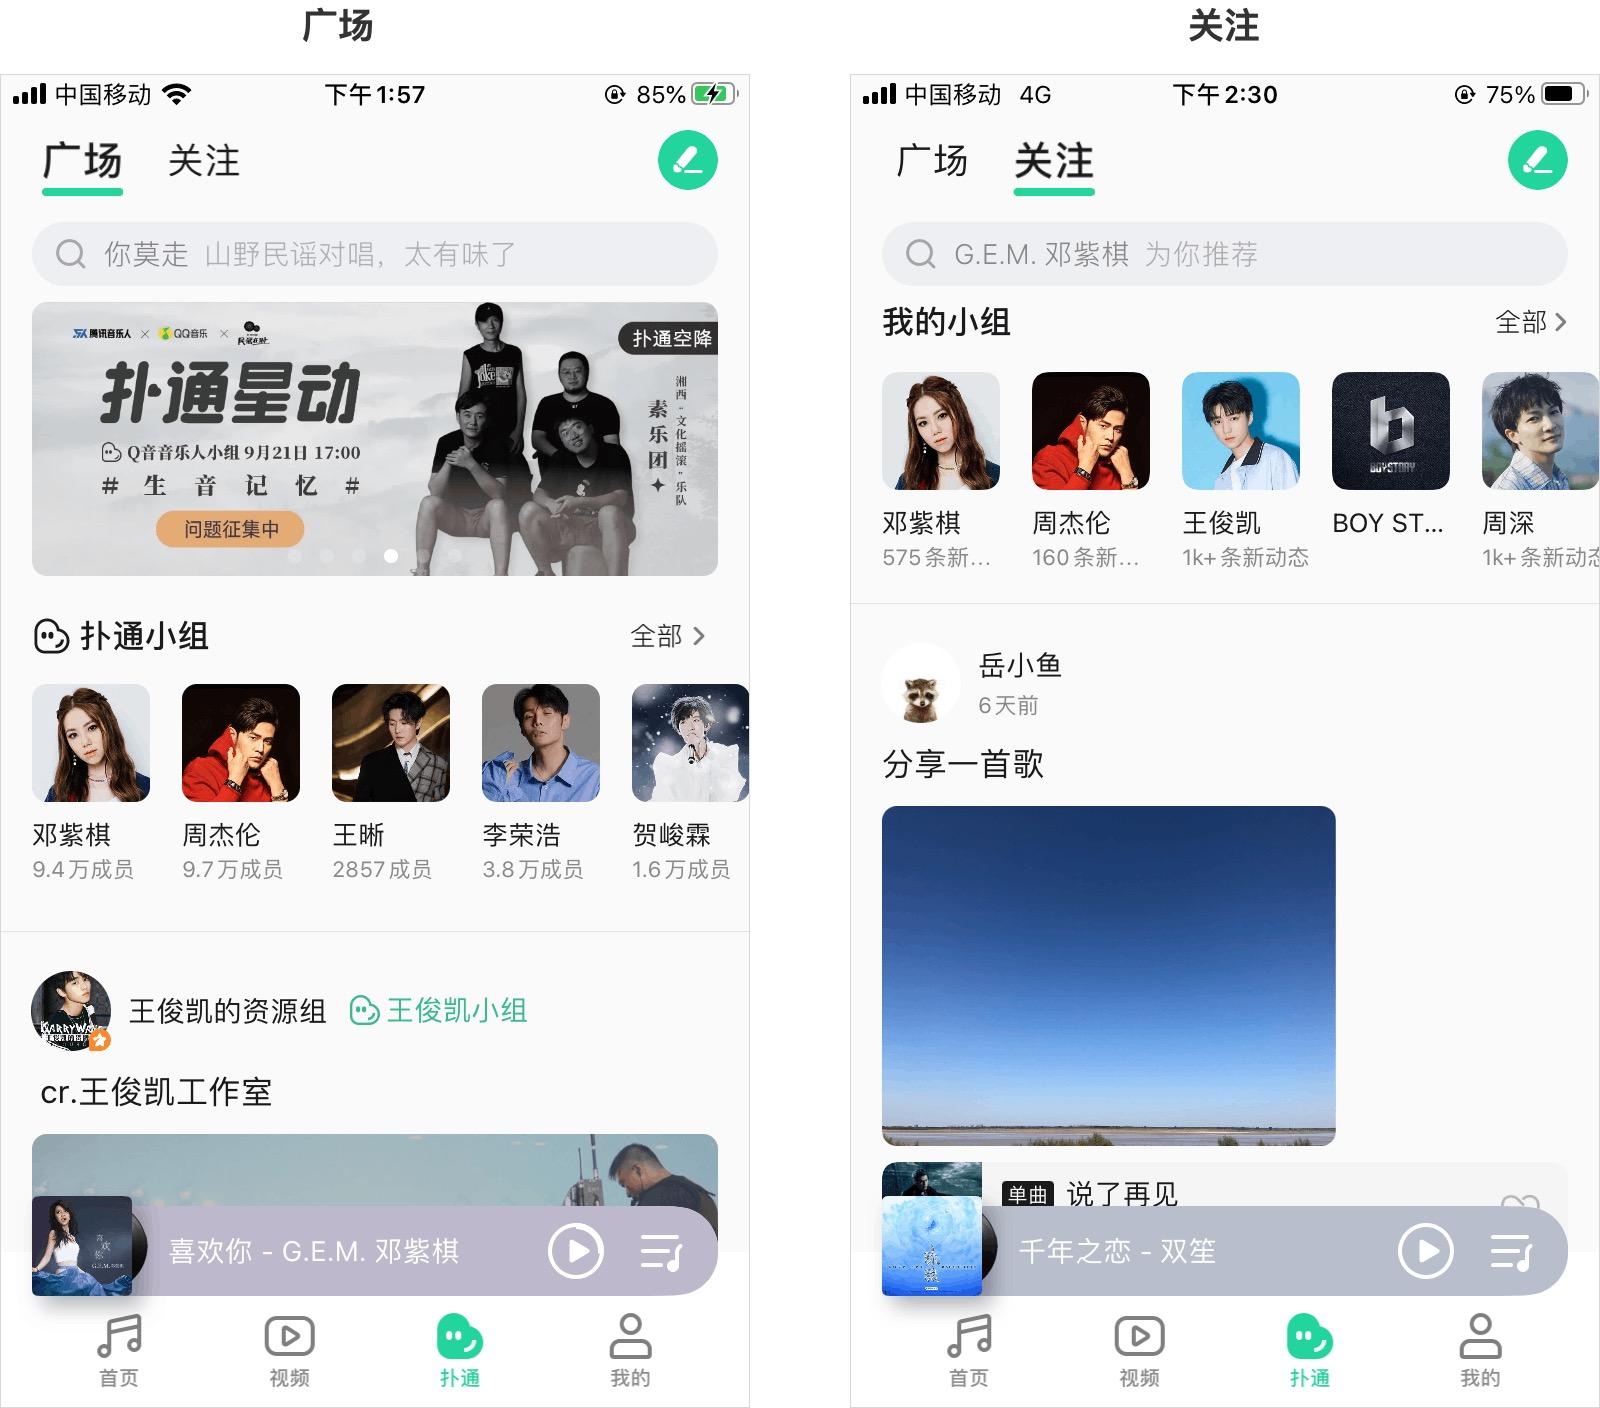 拆解QQ音乐扑通社区:聊聊音乐+社区新模式插图1